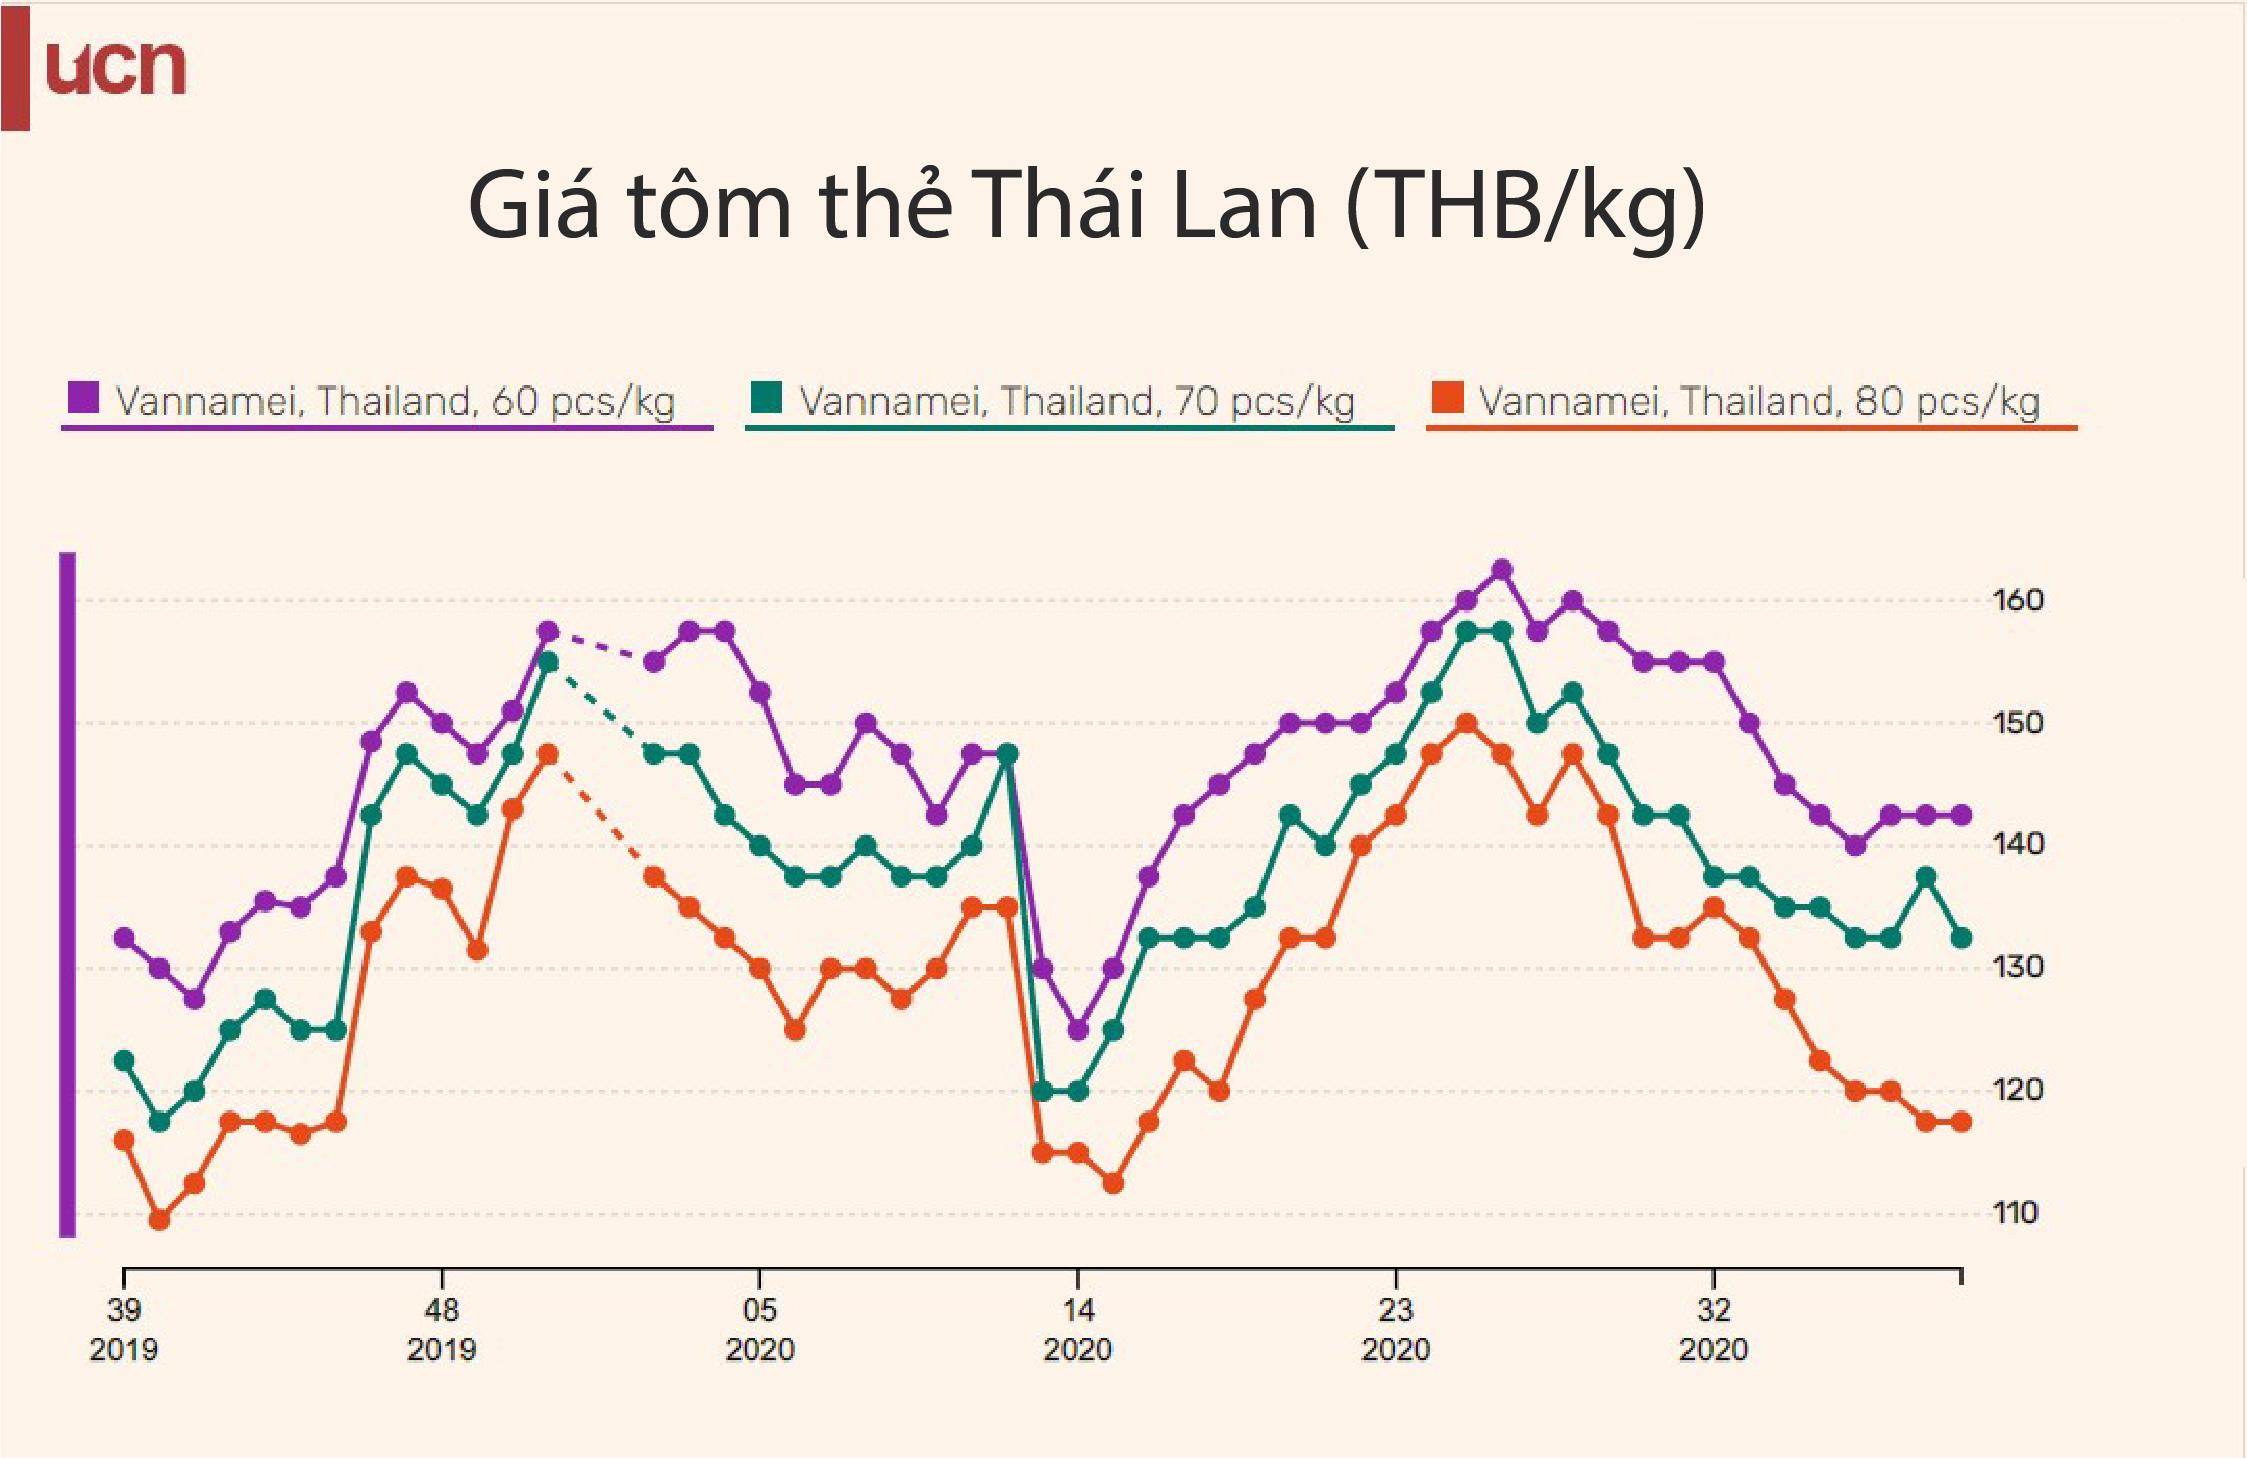 Giá tôm Thái Lan tăng trở lại khi nhu cầu của Mỹ, Trung Quốc phục hồi - Ảnh 2.